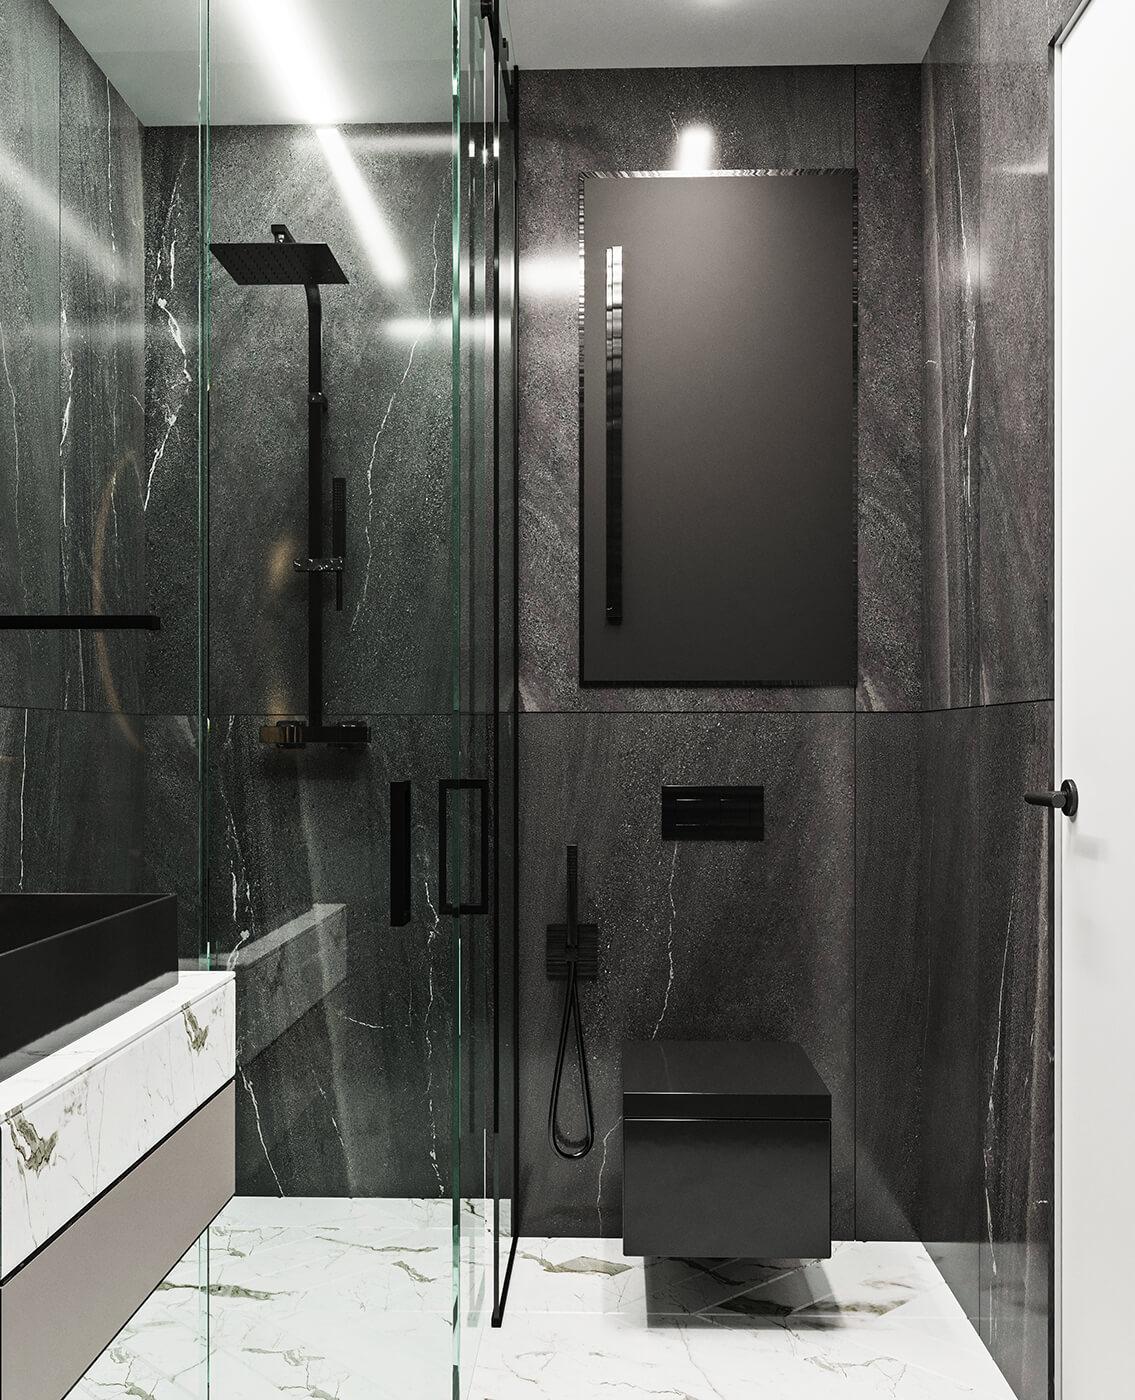 interioren-dizain-proekt-na-banya-v-moderen-stil-glory